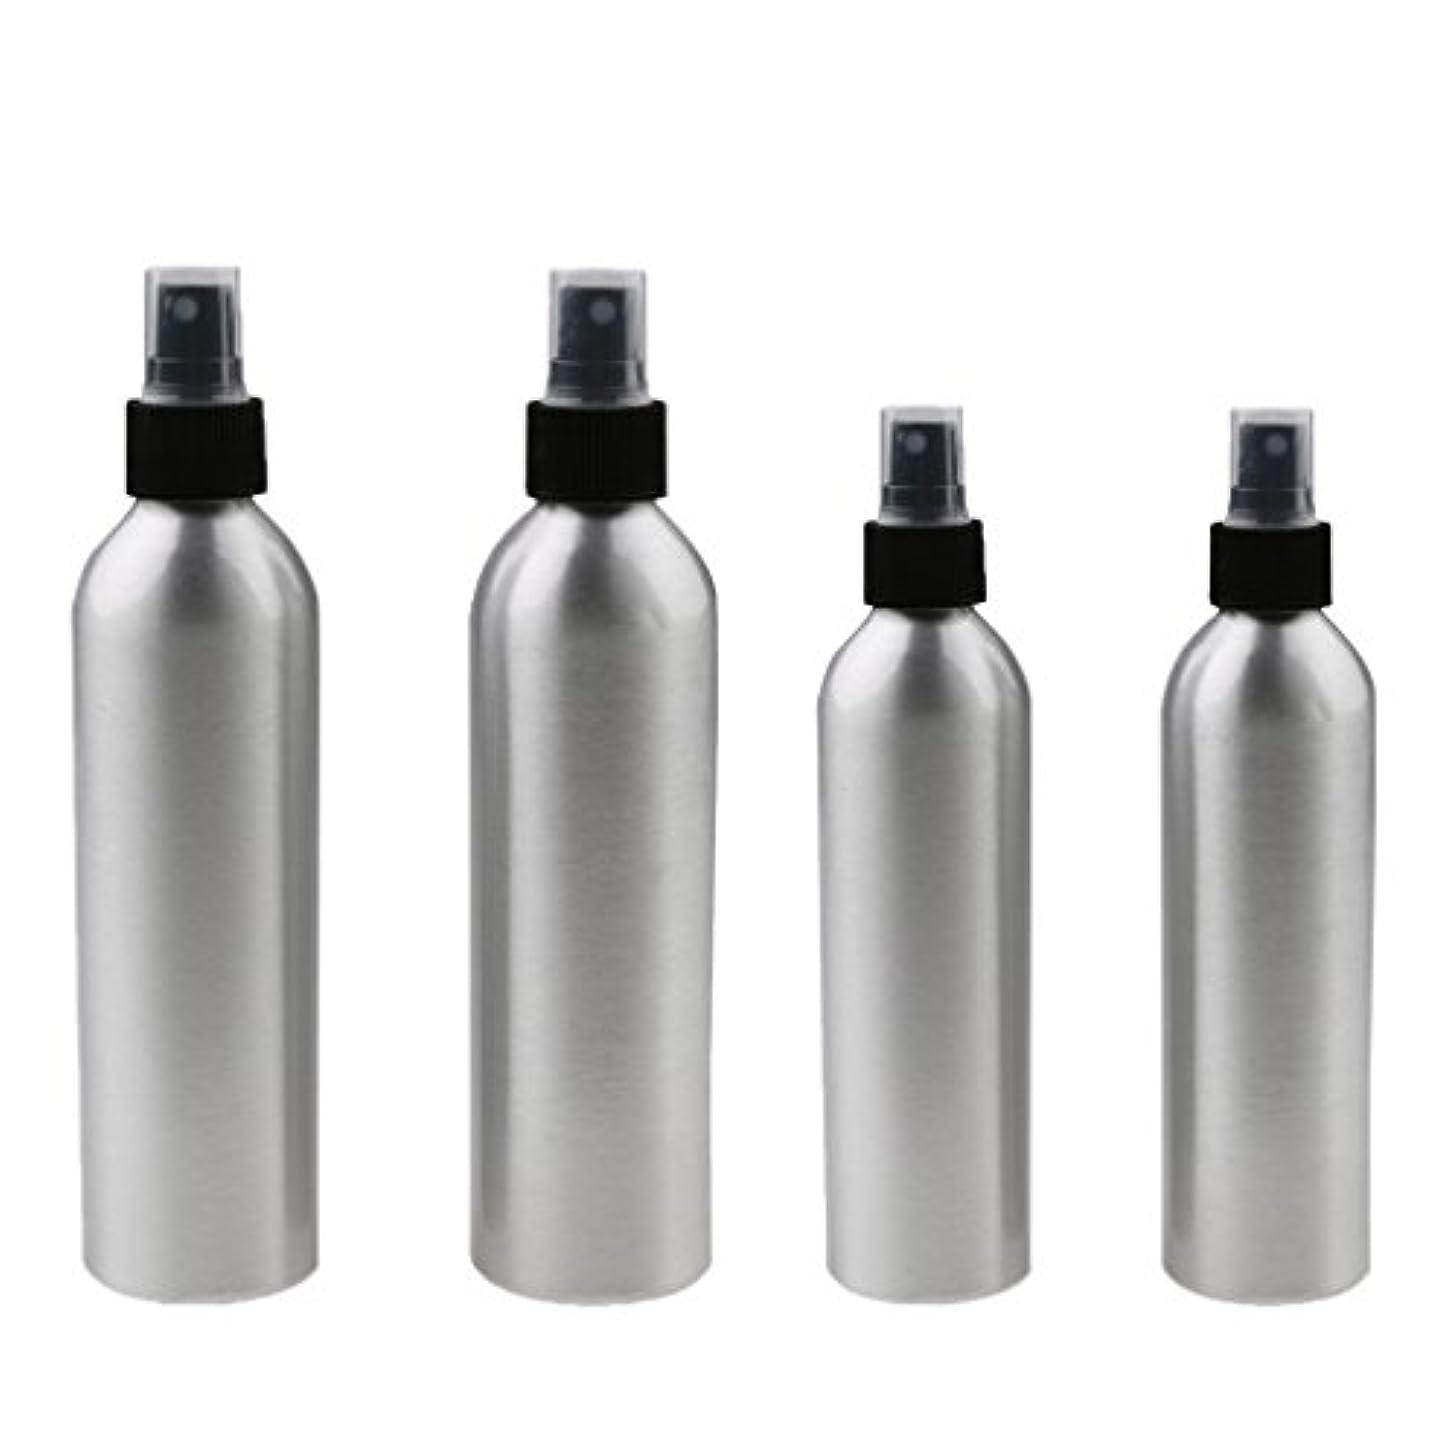 文句を言う女性フレームワークKesoto 4本入り スプレーボトル 100mlと150ml各2本 アルミミスト スプレー 香水 ボトル スプレーアトマイザー